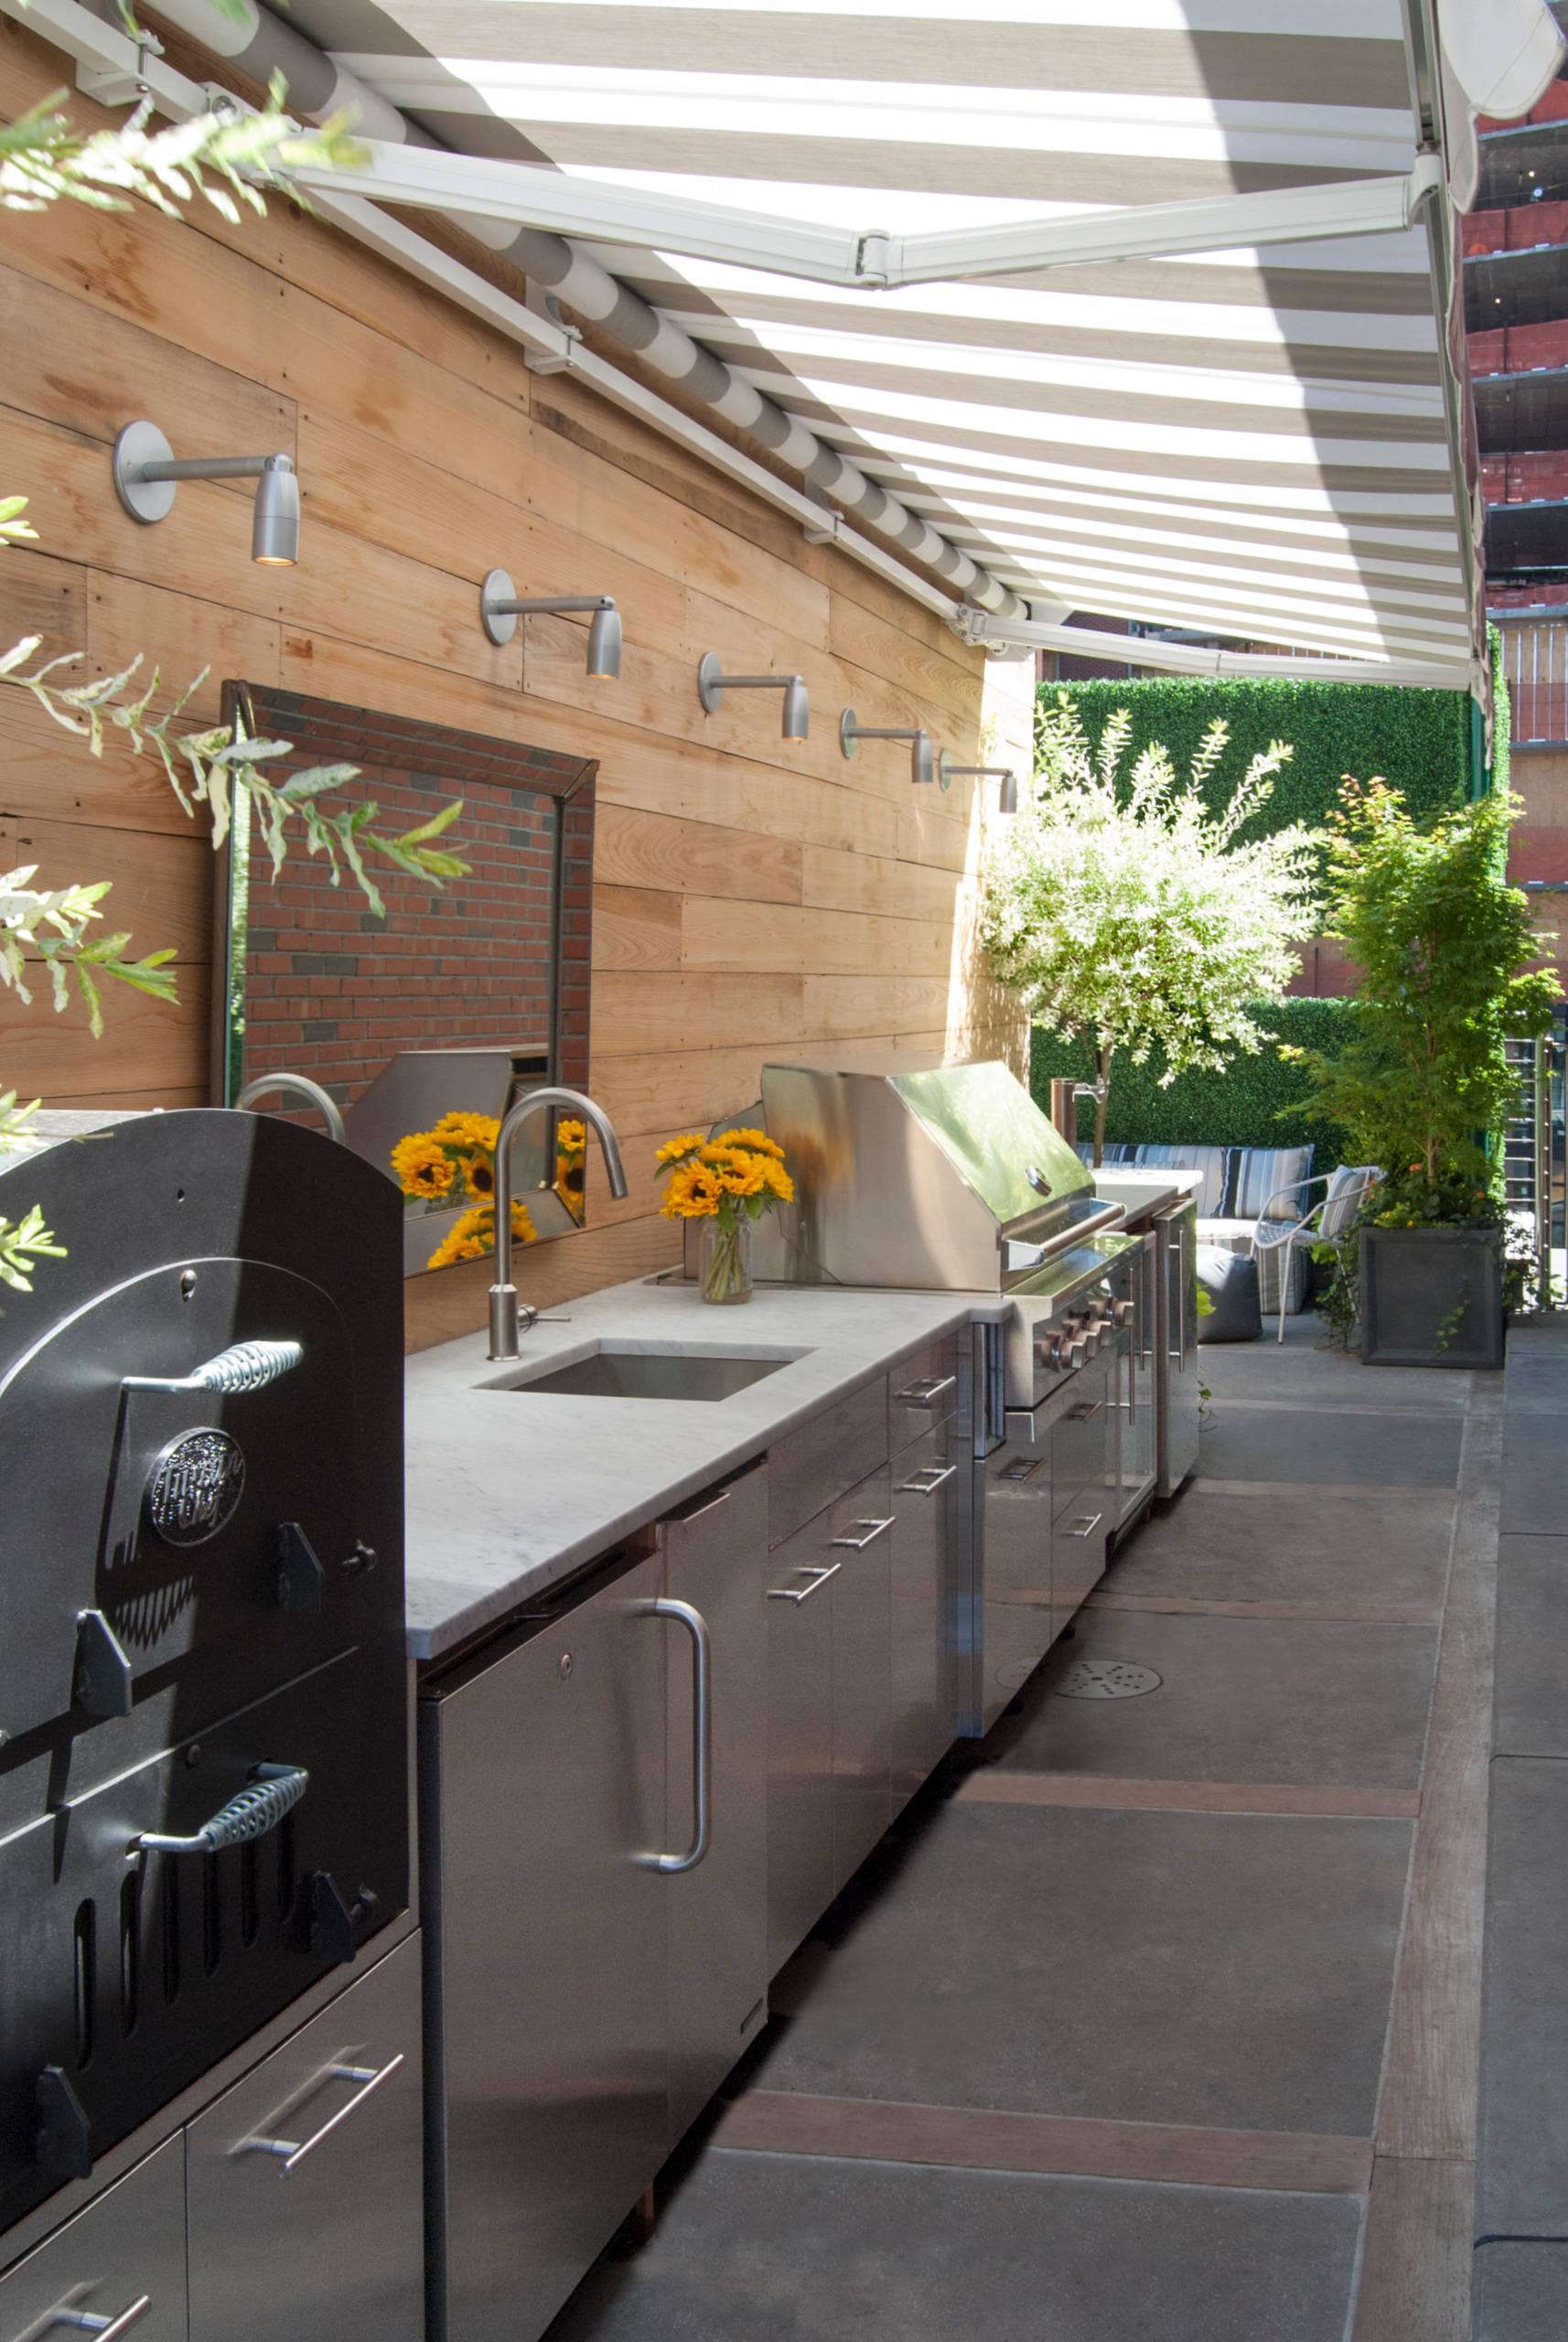 10 важных моментов при обустройстве кухни на свежем воздухе дача,ландшафтный дизайн,сад и огород